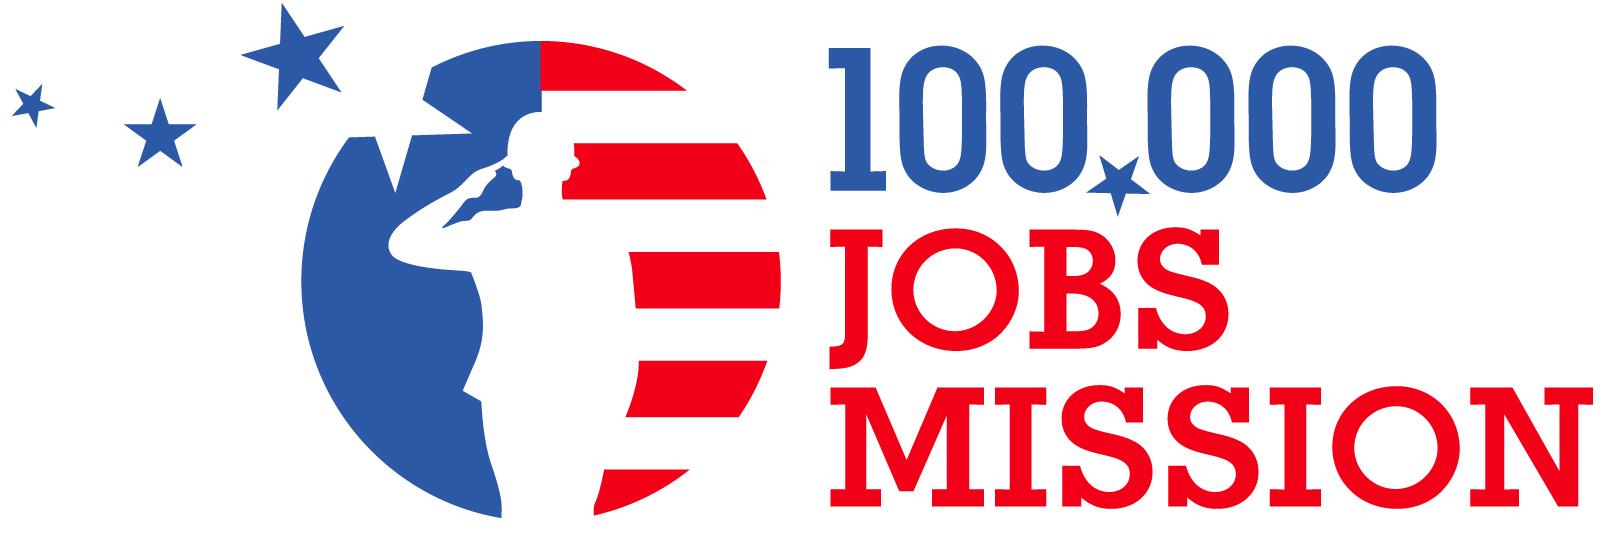 100,000 Jobs Mission